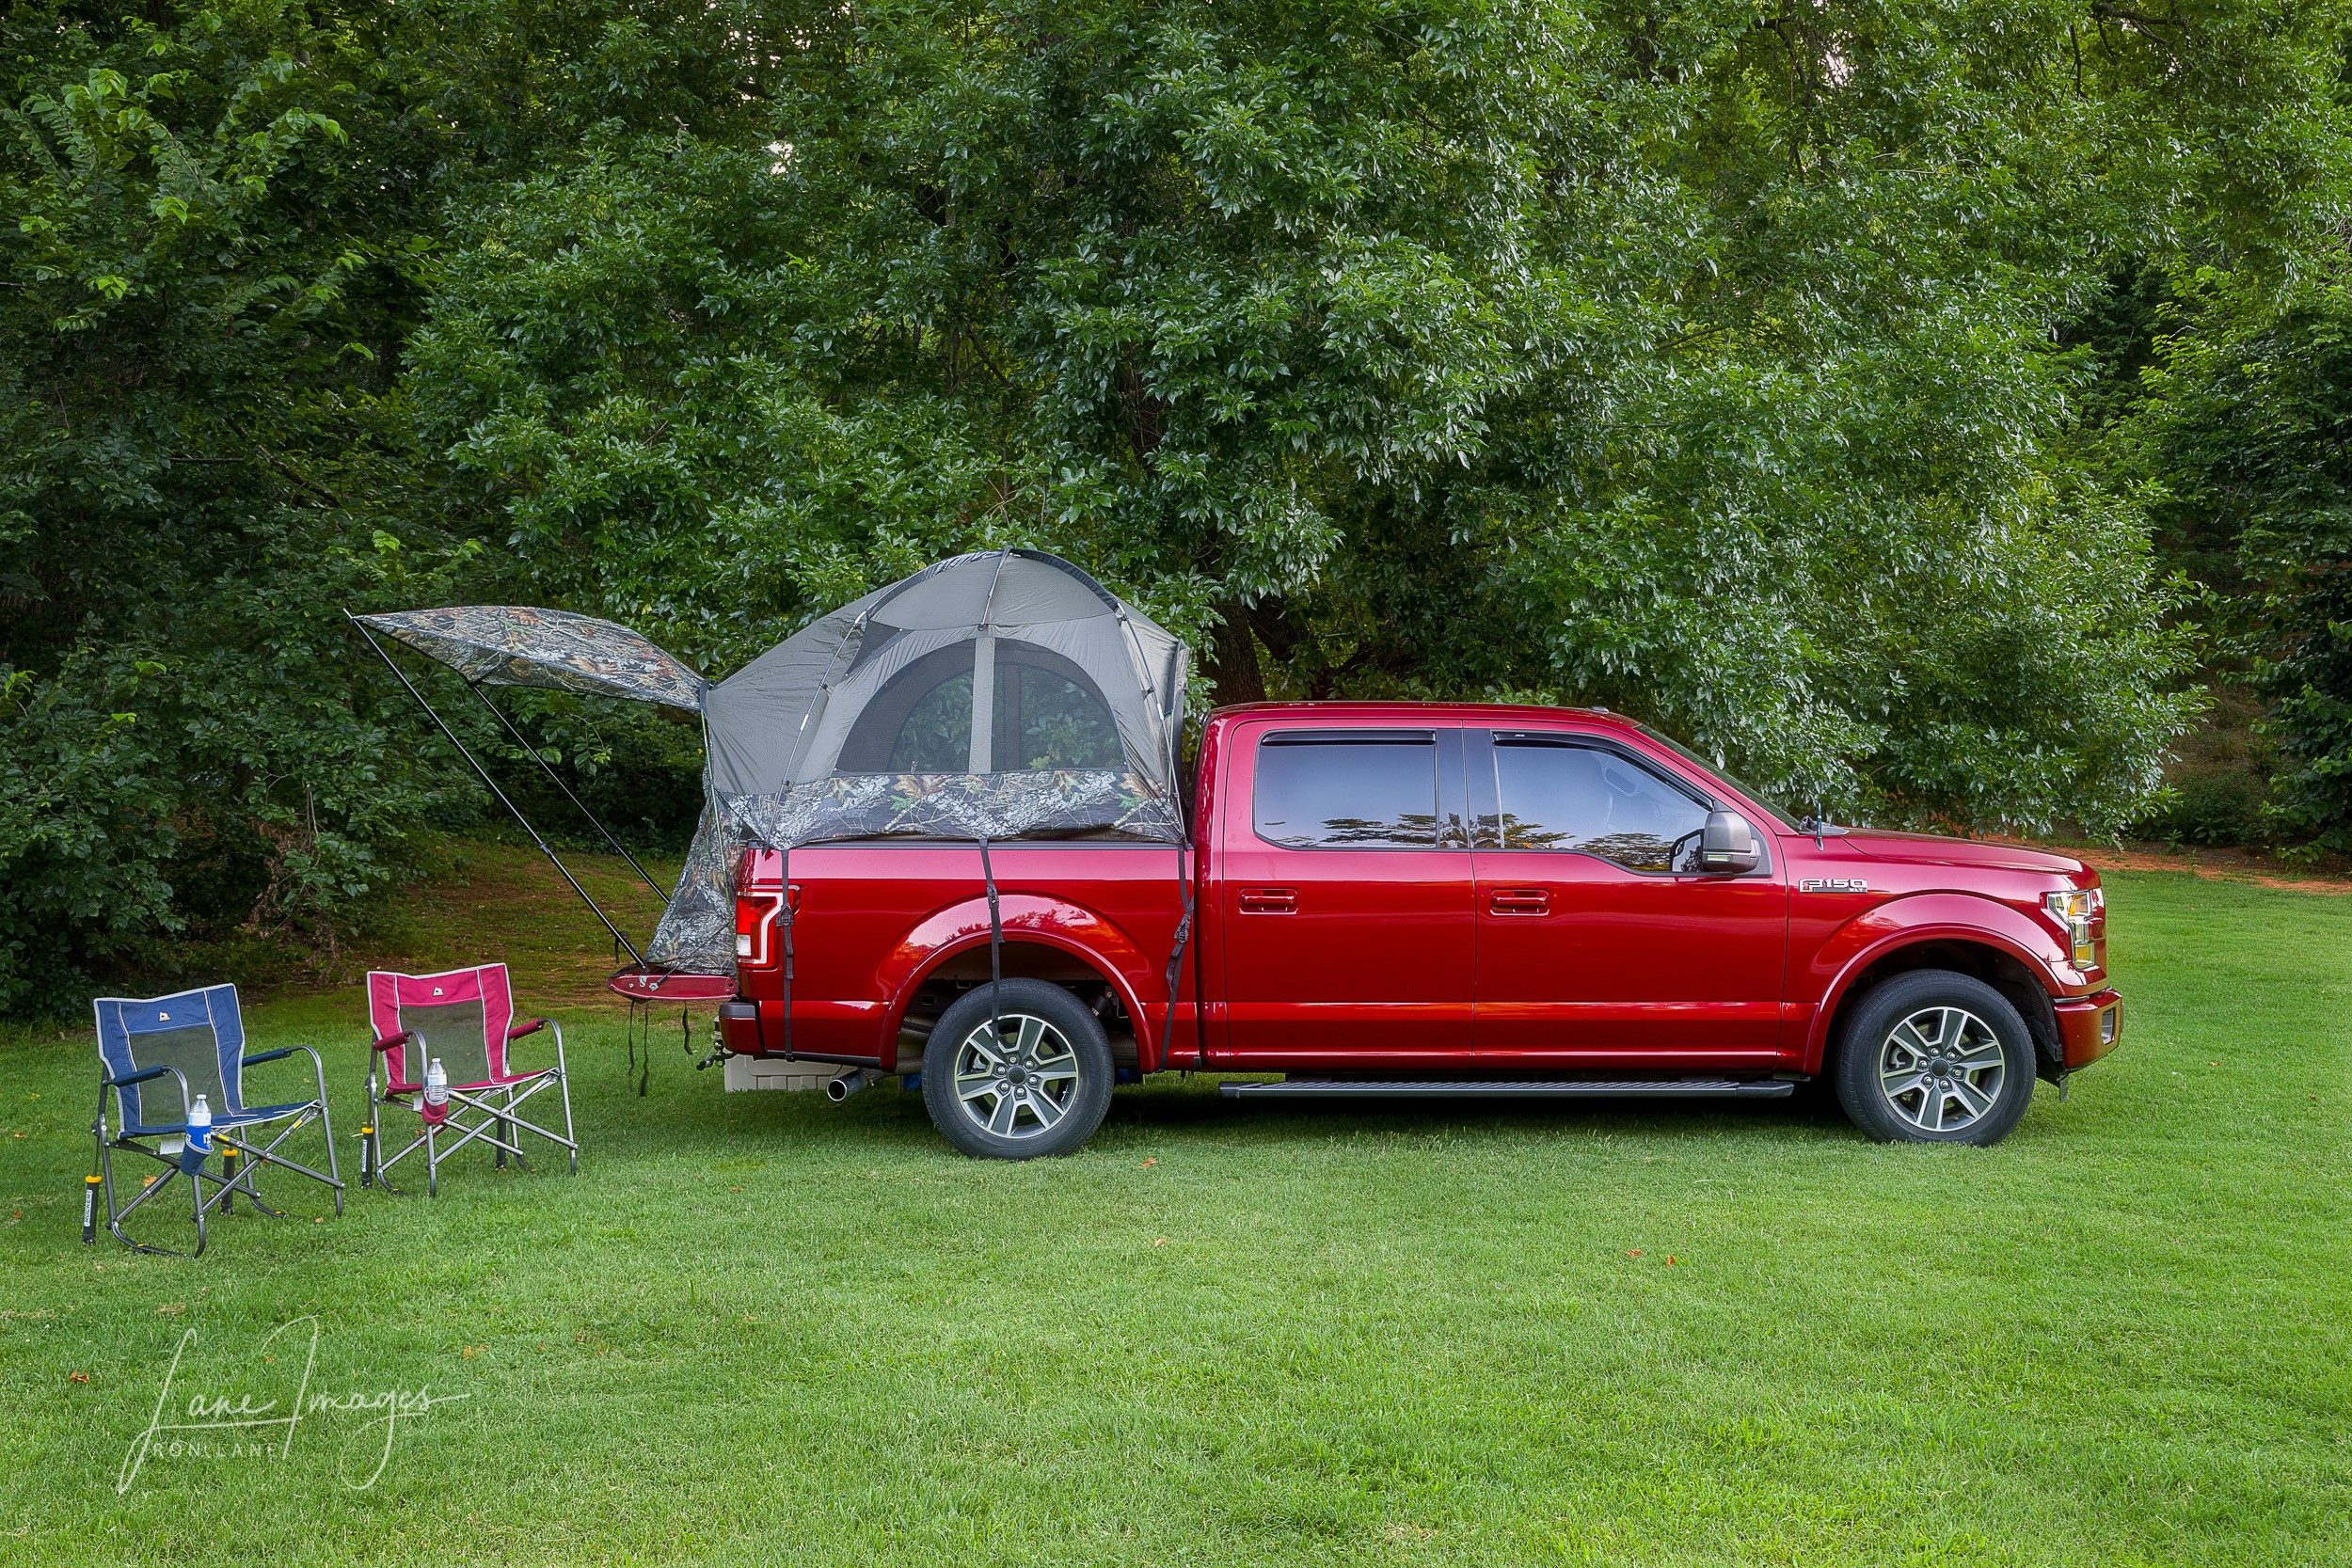 RedRockCanyon-Camping-5-HDR-Edit.jpg